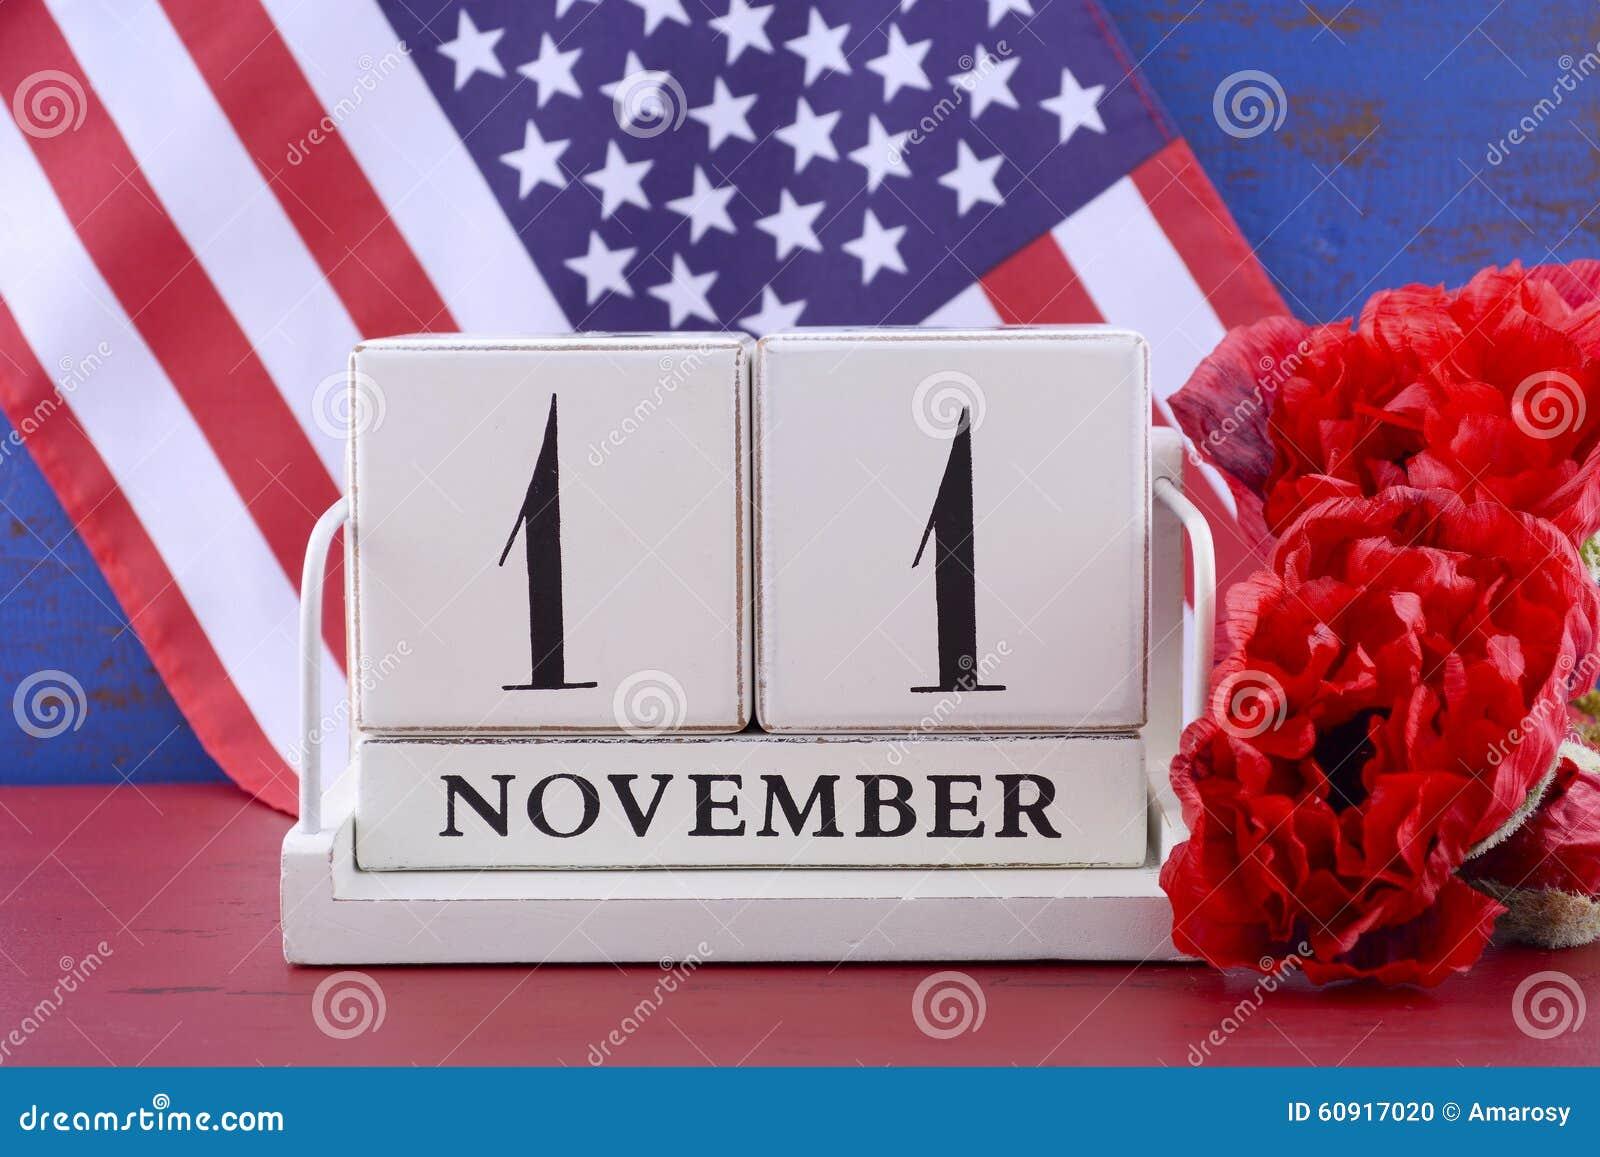 veterans day calendar for november 11 stock photo image 60917020